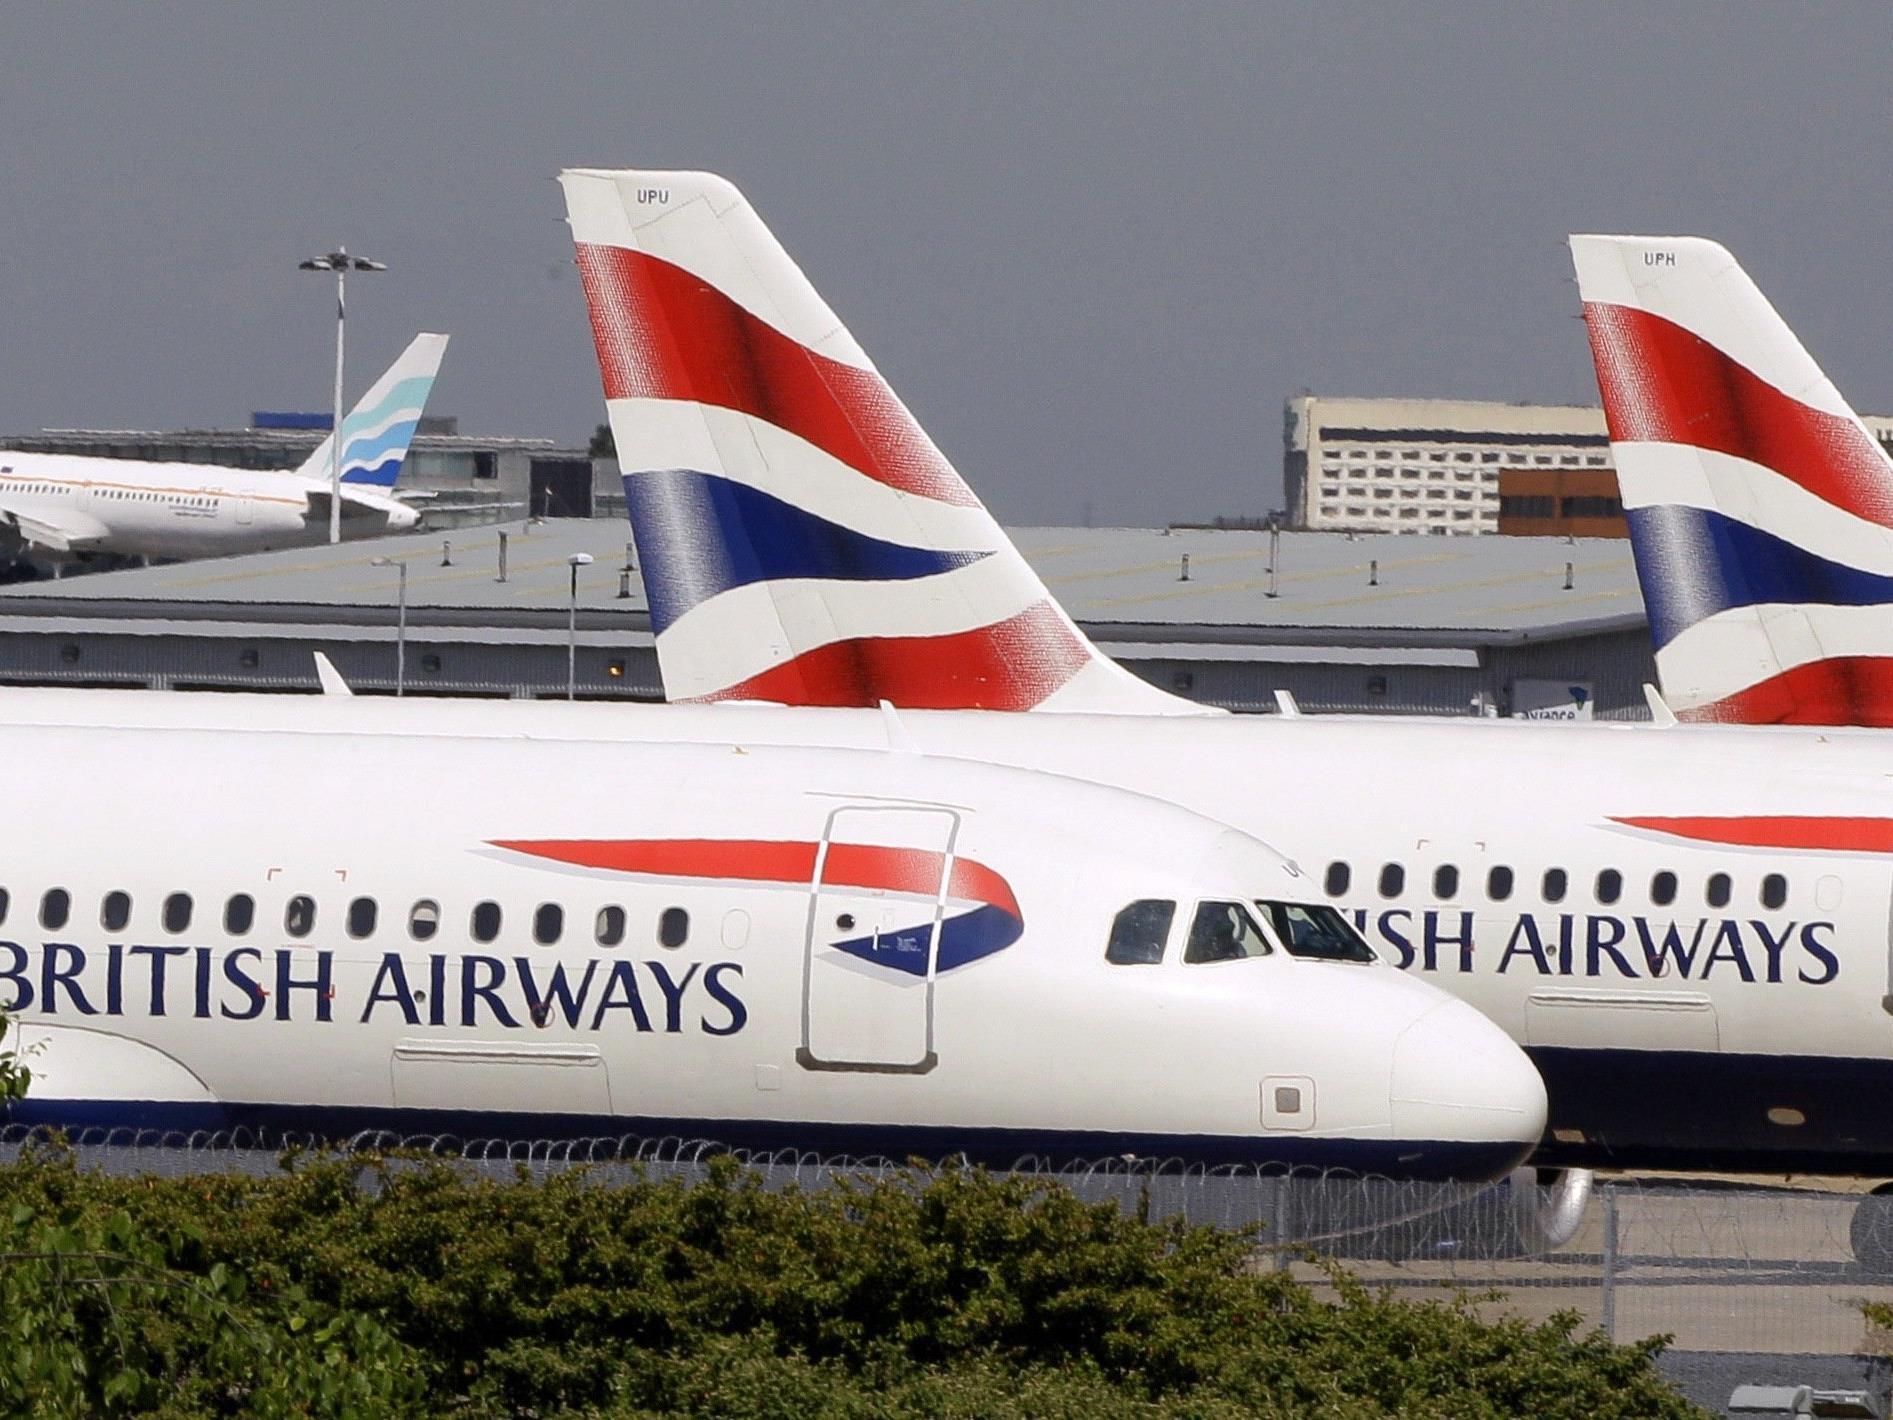 Der A320 der British Airways konnte trotz Zusammenstoß mit einer Drohne sicher landen.